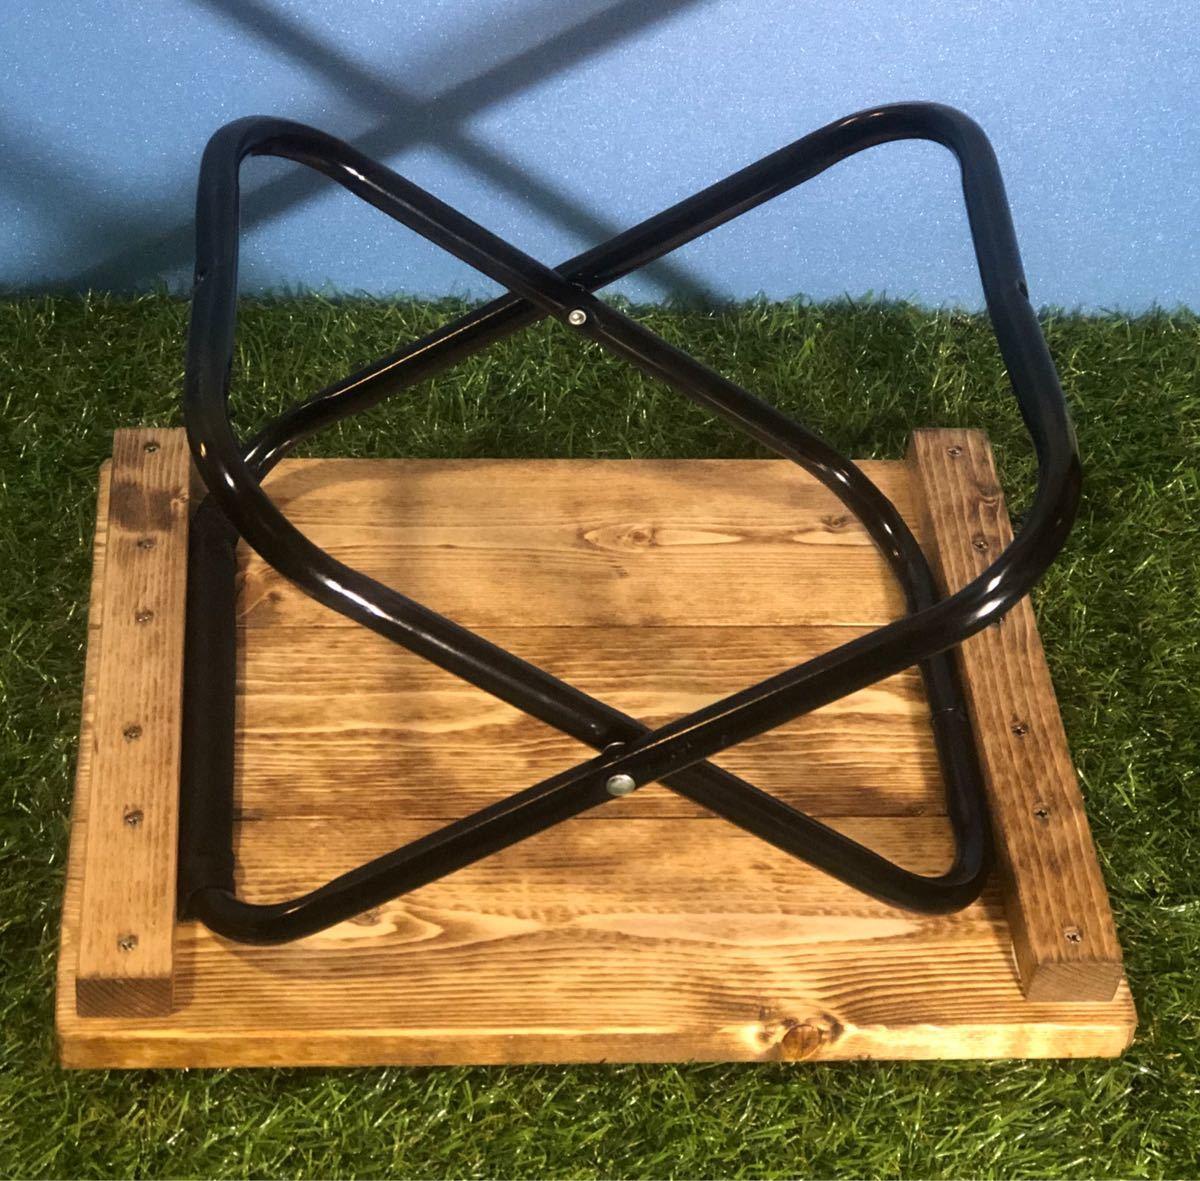 折りたたみテーブル(33cm×27cm) ハンドメイド